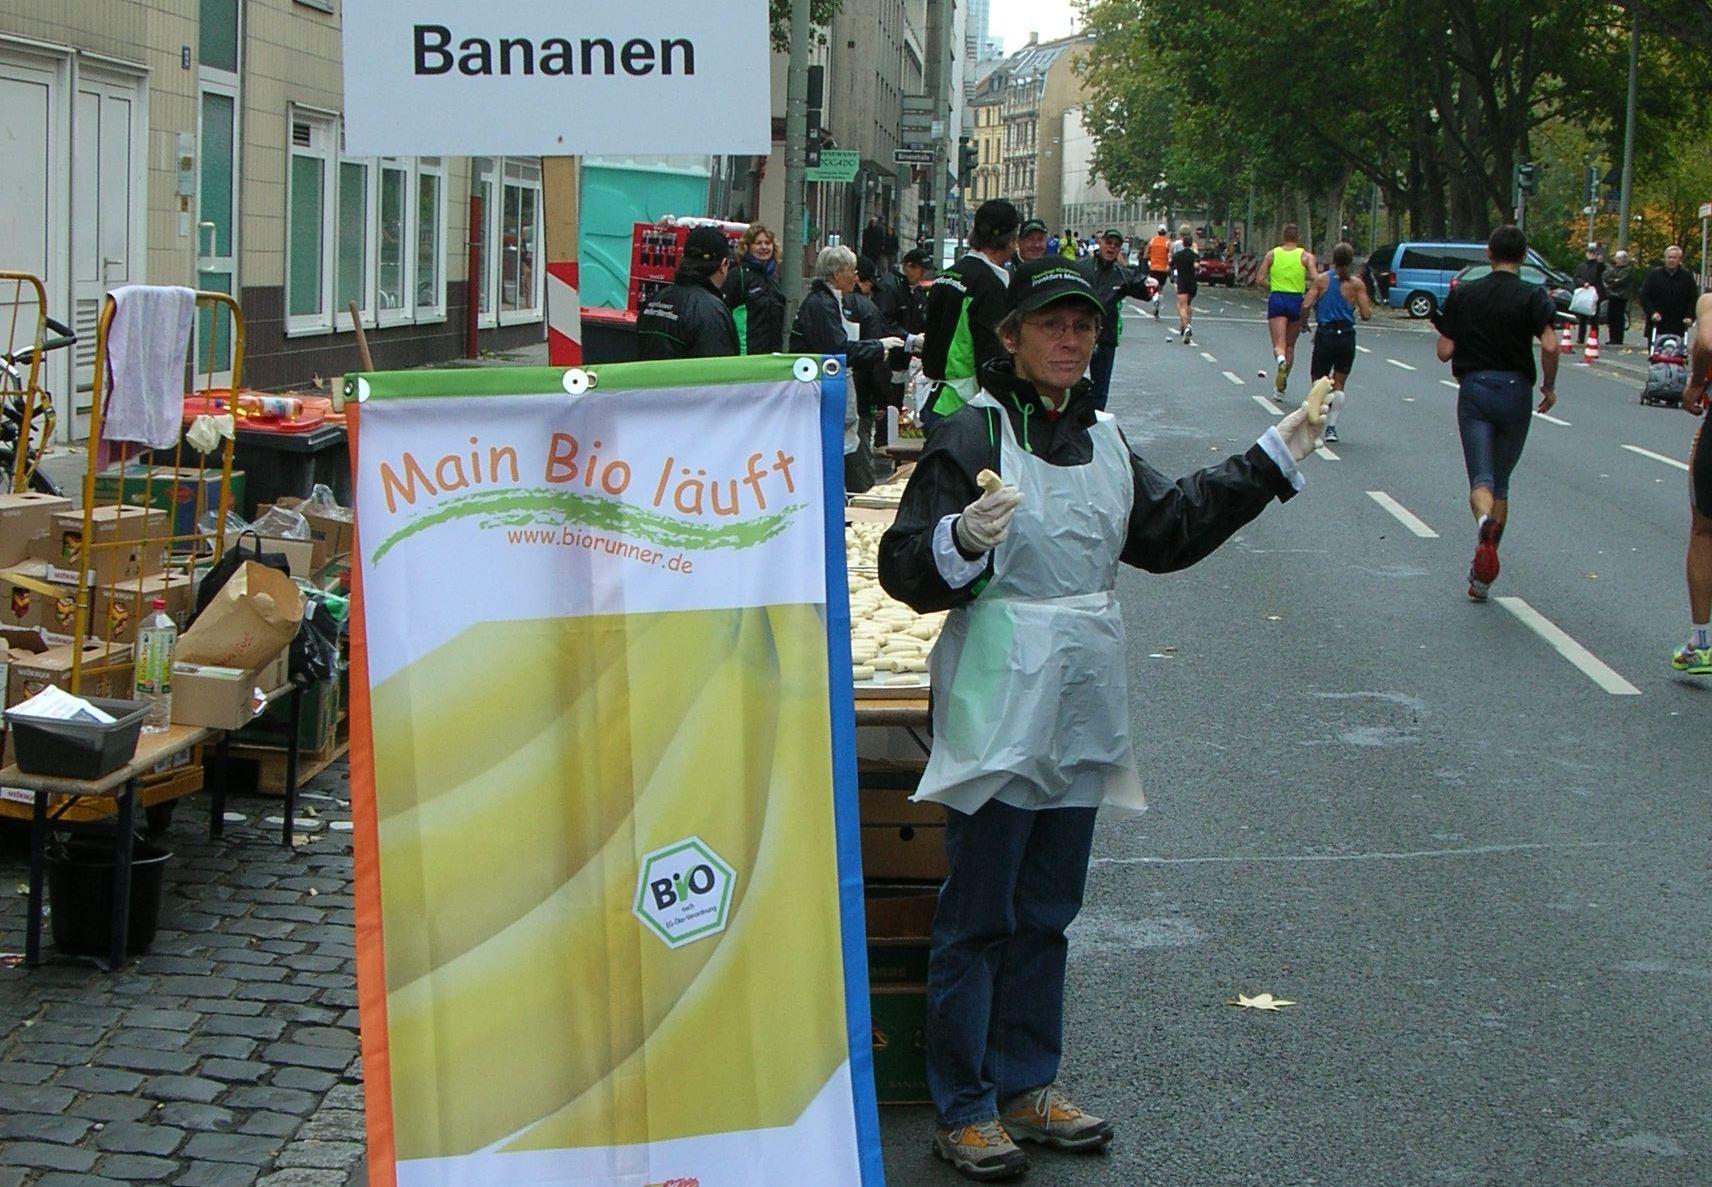 Bananenstand auf der Strecke (c) Umweltforum Rhein-Main e.V.